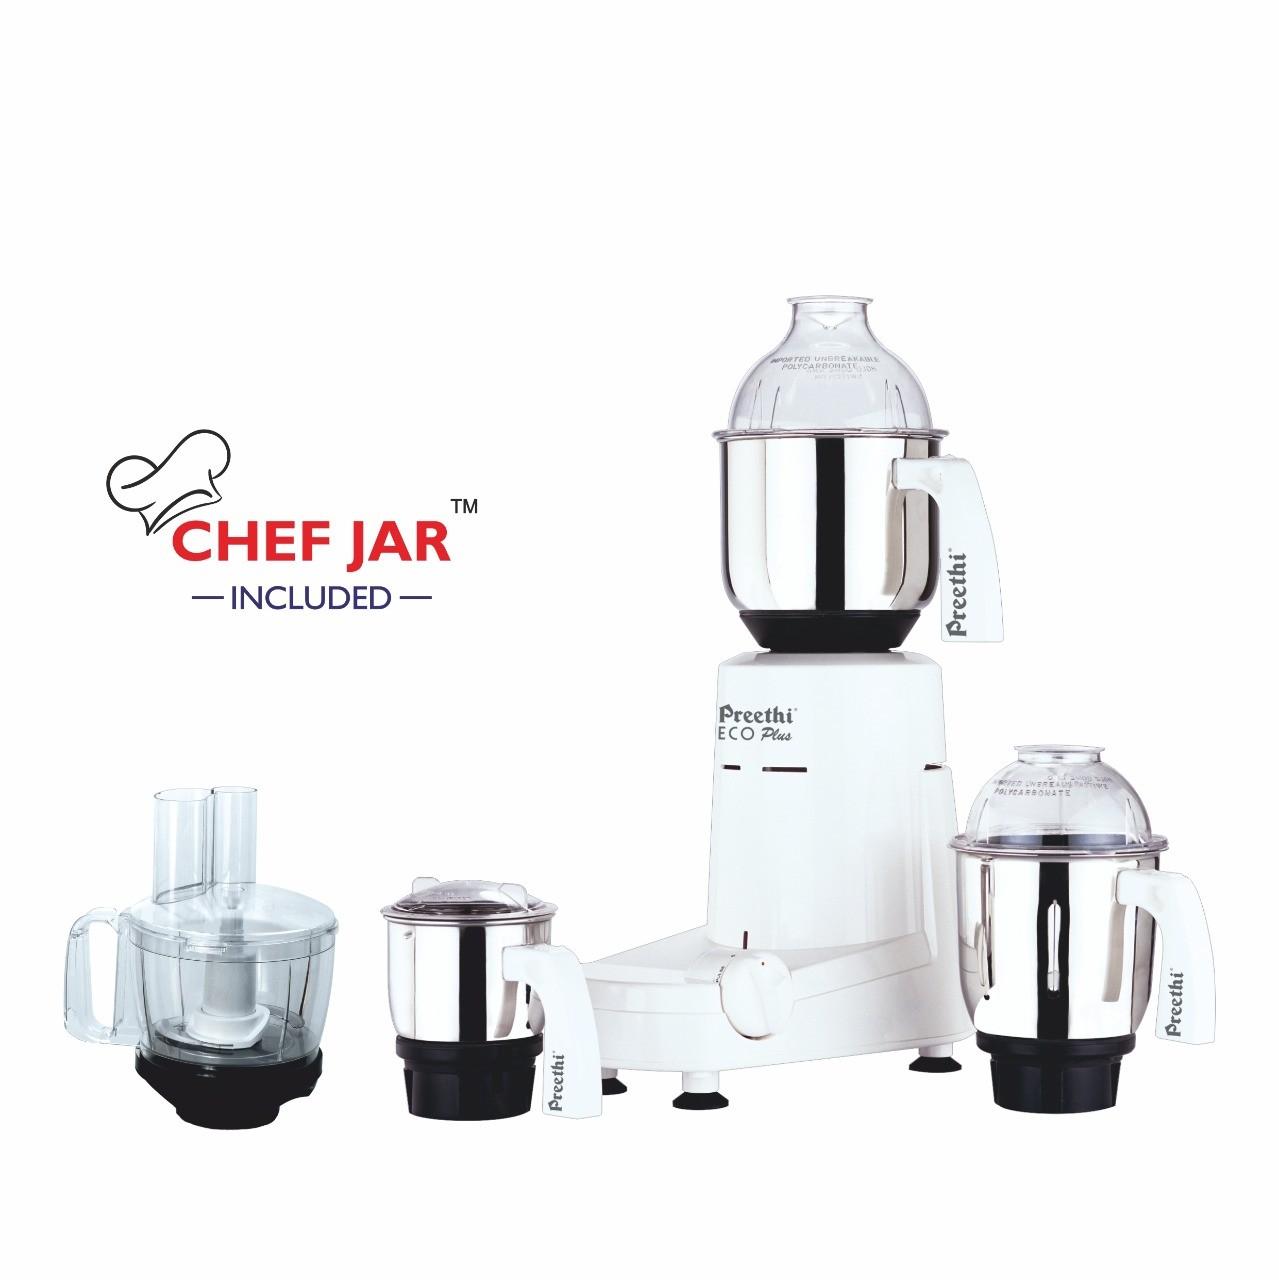 preethi-super-grind-eco-plus-with-chef-jar-550w110v4